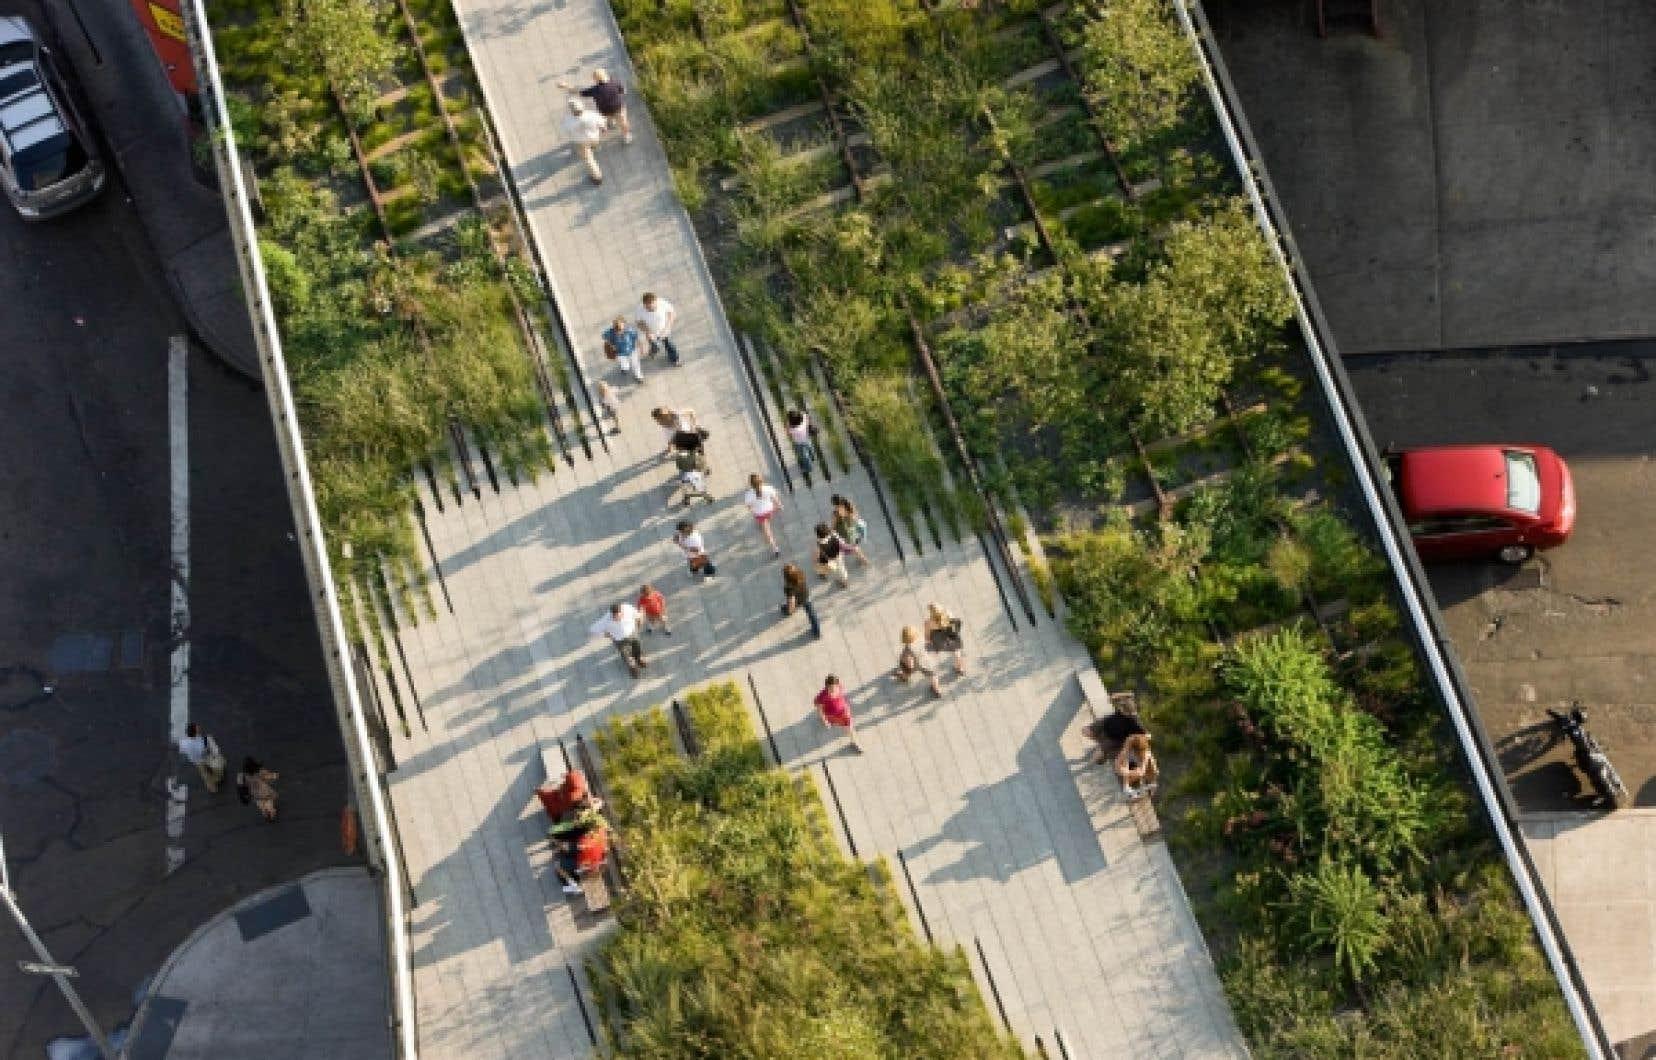 Plus qu'une simple promenade de verdure, le High Line est un véritable paysage suspendu dans la ville.